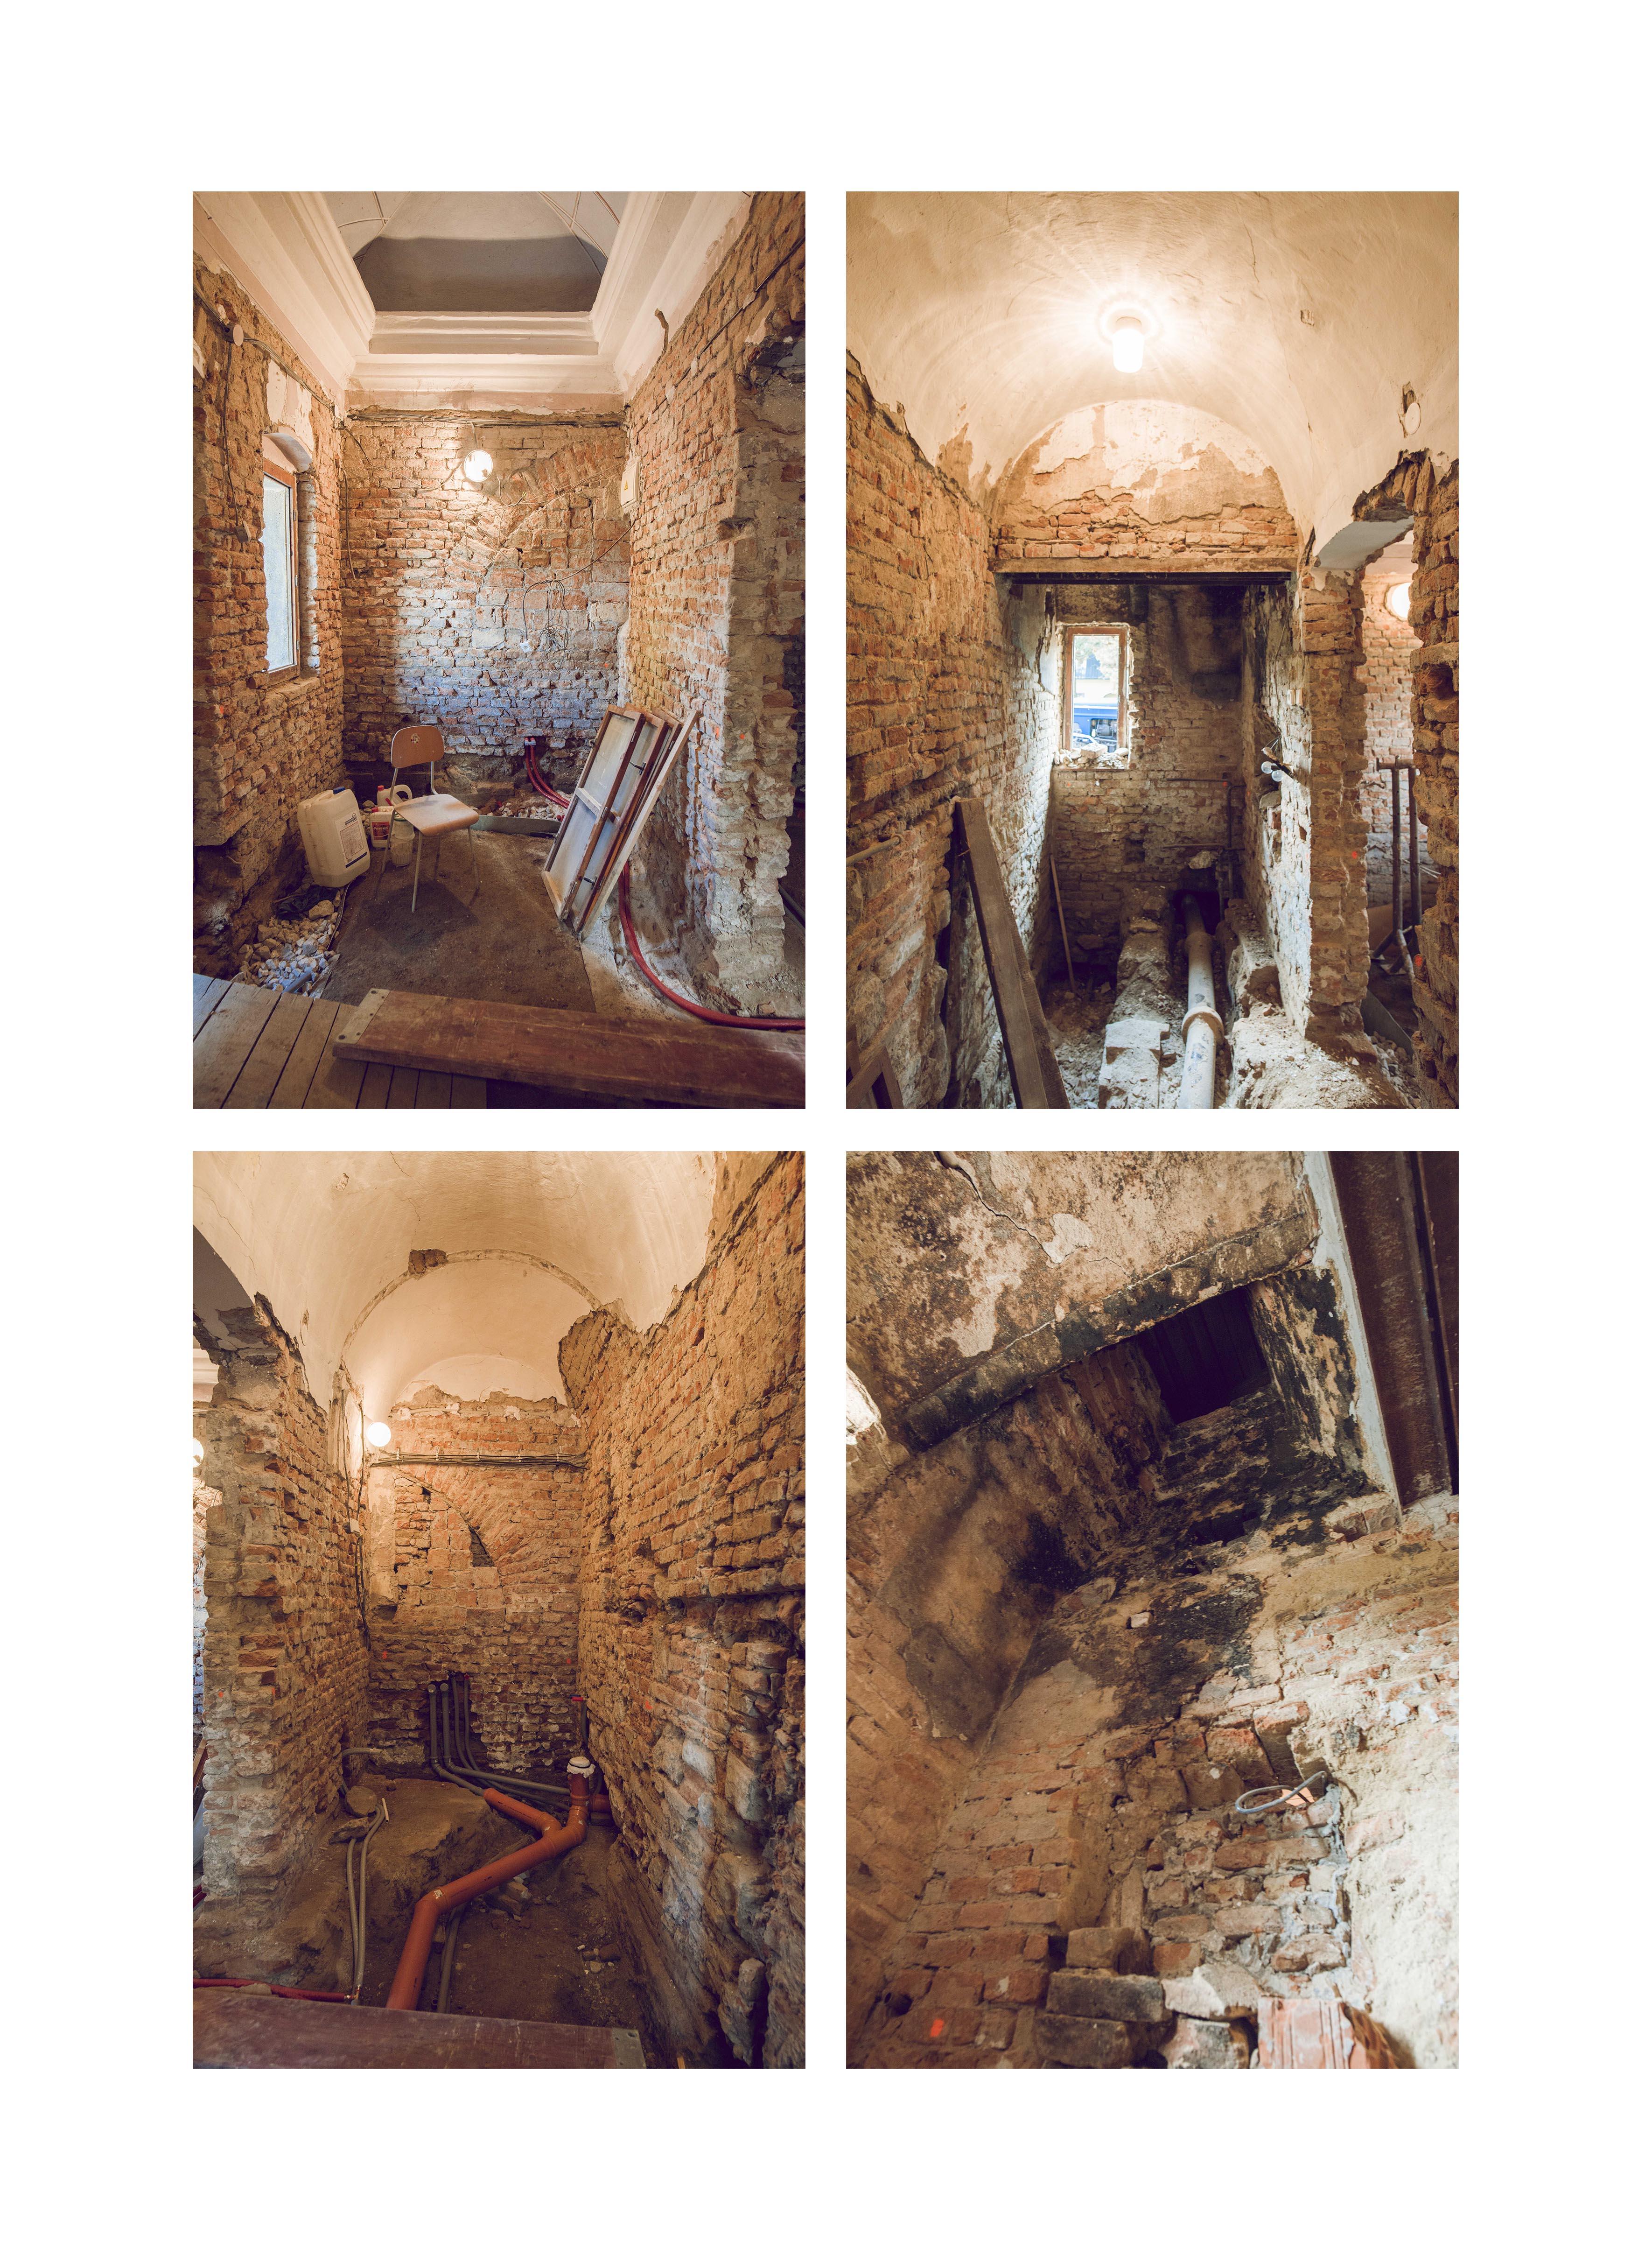 vratnica-interier-rekonstrukcia.jpg